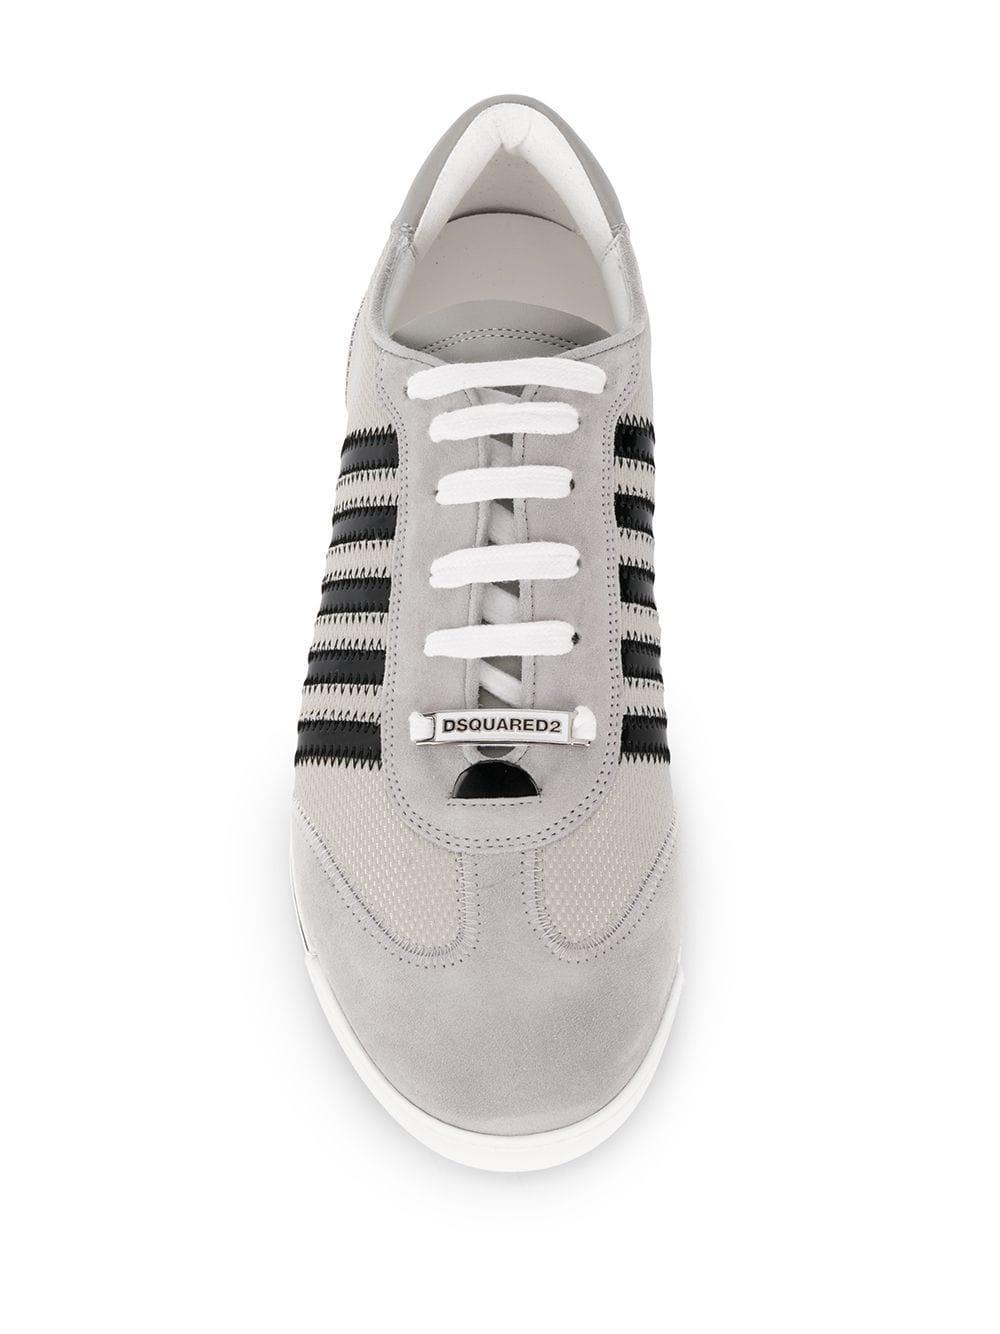 DSquared² Suède Gestreepte Sneakers in het Grijs voor heren